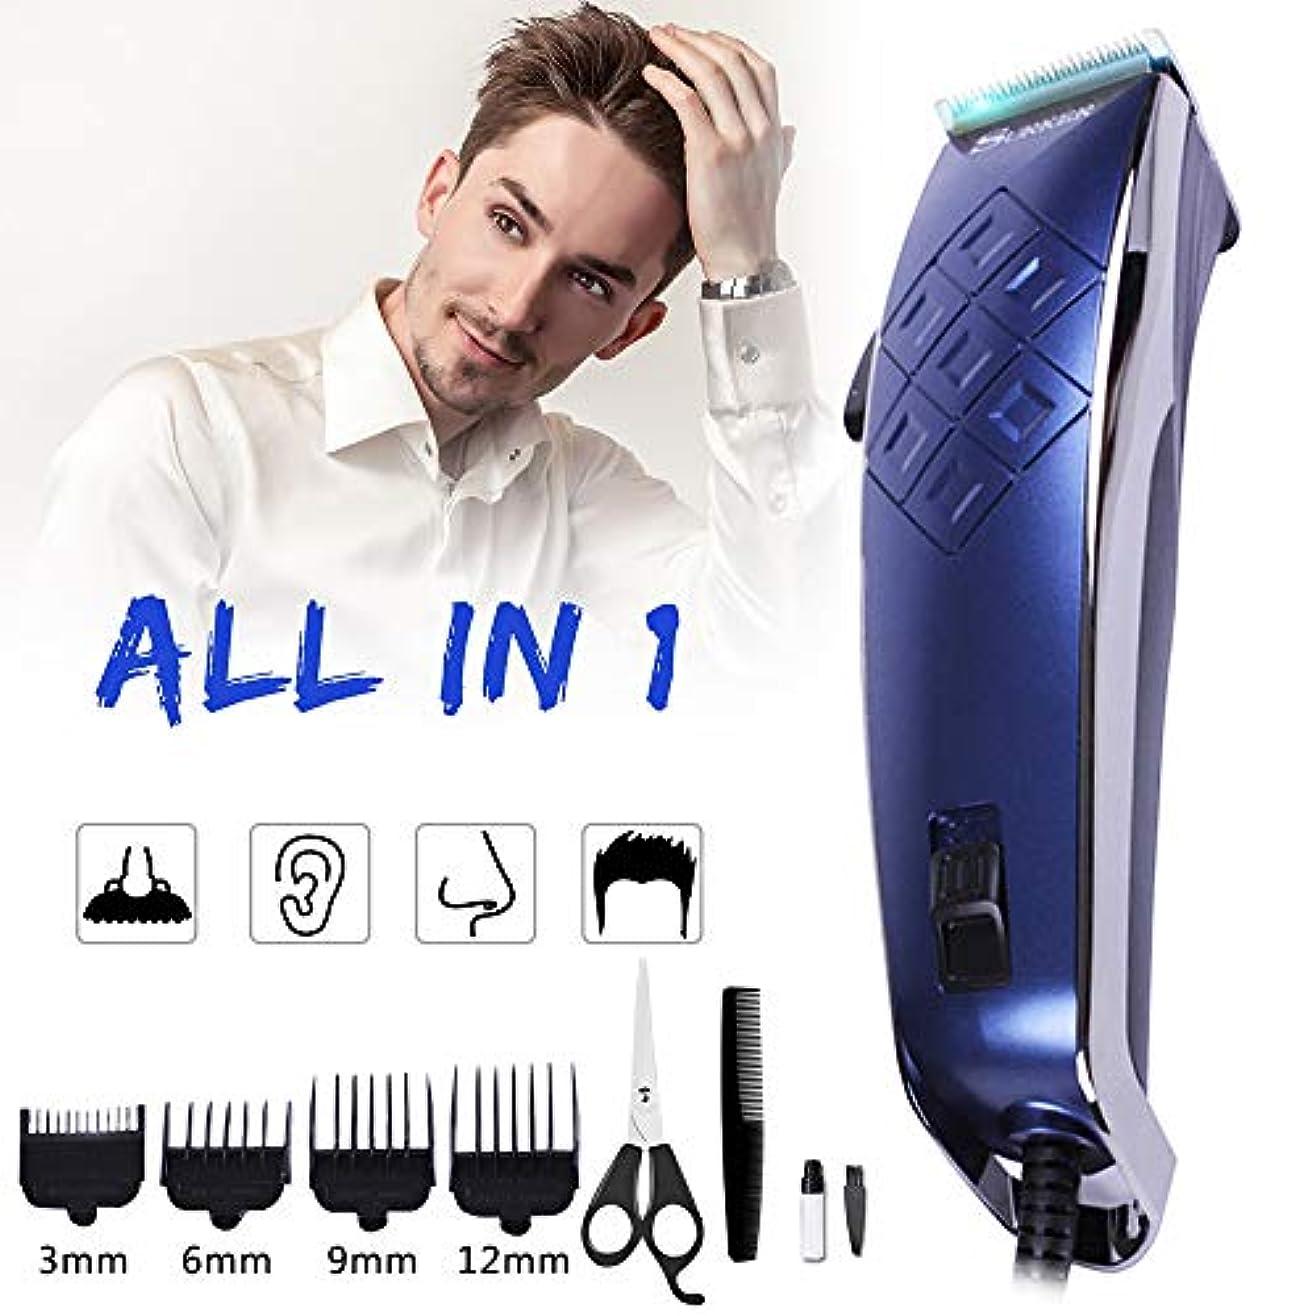 リマ中に影響する調節可能な充電式バリカン電気有線ヘアトリマープロフェッショナルファミリーホーム理髪散髪機